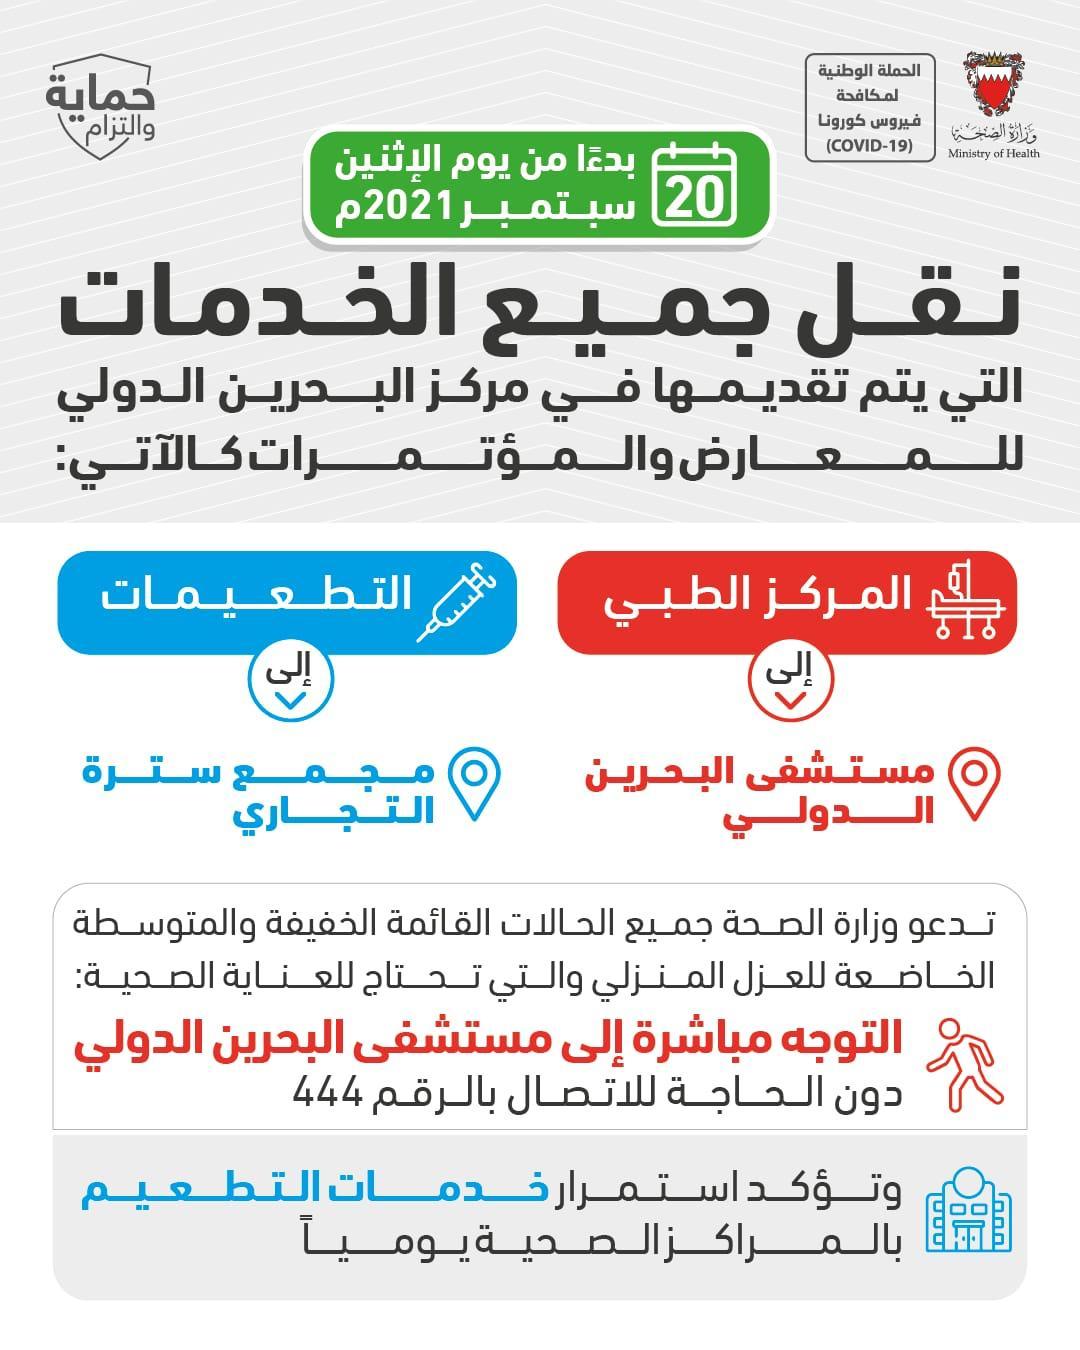 الصحة: نقل جميع الخدمات التي يتم تقديمها في مركز البحرين الدولي للمعارض والمؤتمرات إلى مستشفى البحرين الدولي ومجمع سترة بدءاً من يوم الاثنين 20 سبتمبر 2021م